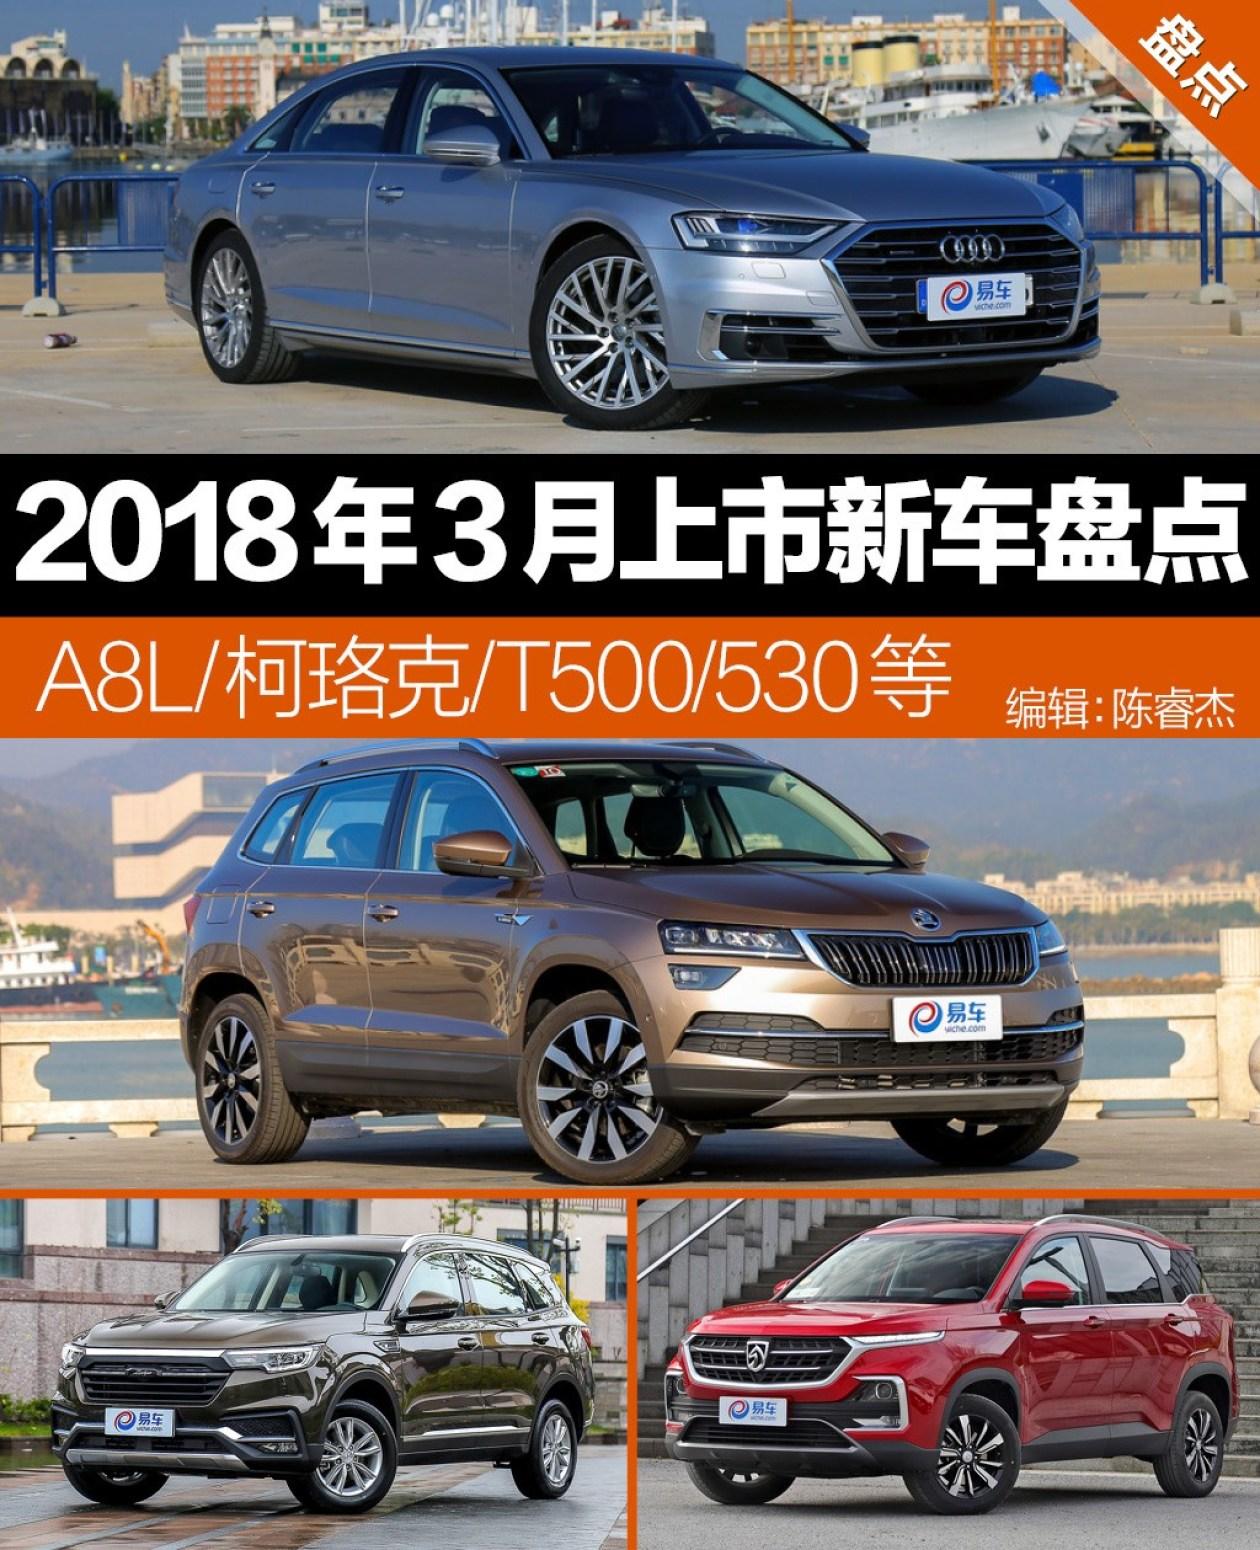 盘点2018年3月将上市新车 柯珞克/宝骏530/众泰T500领衔